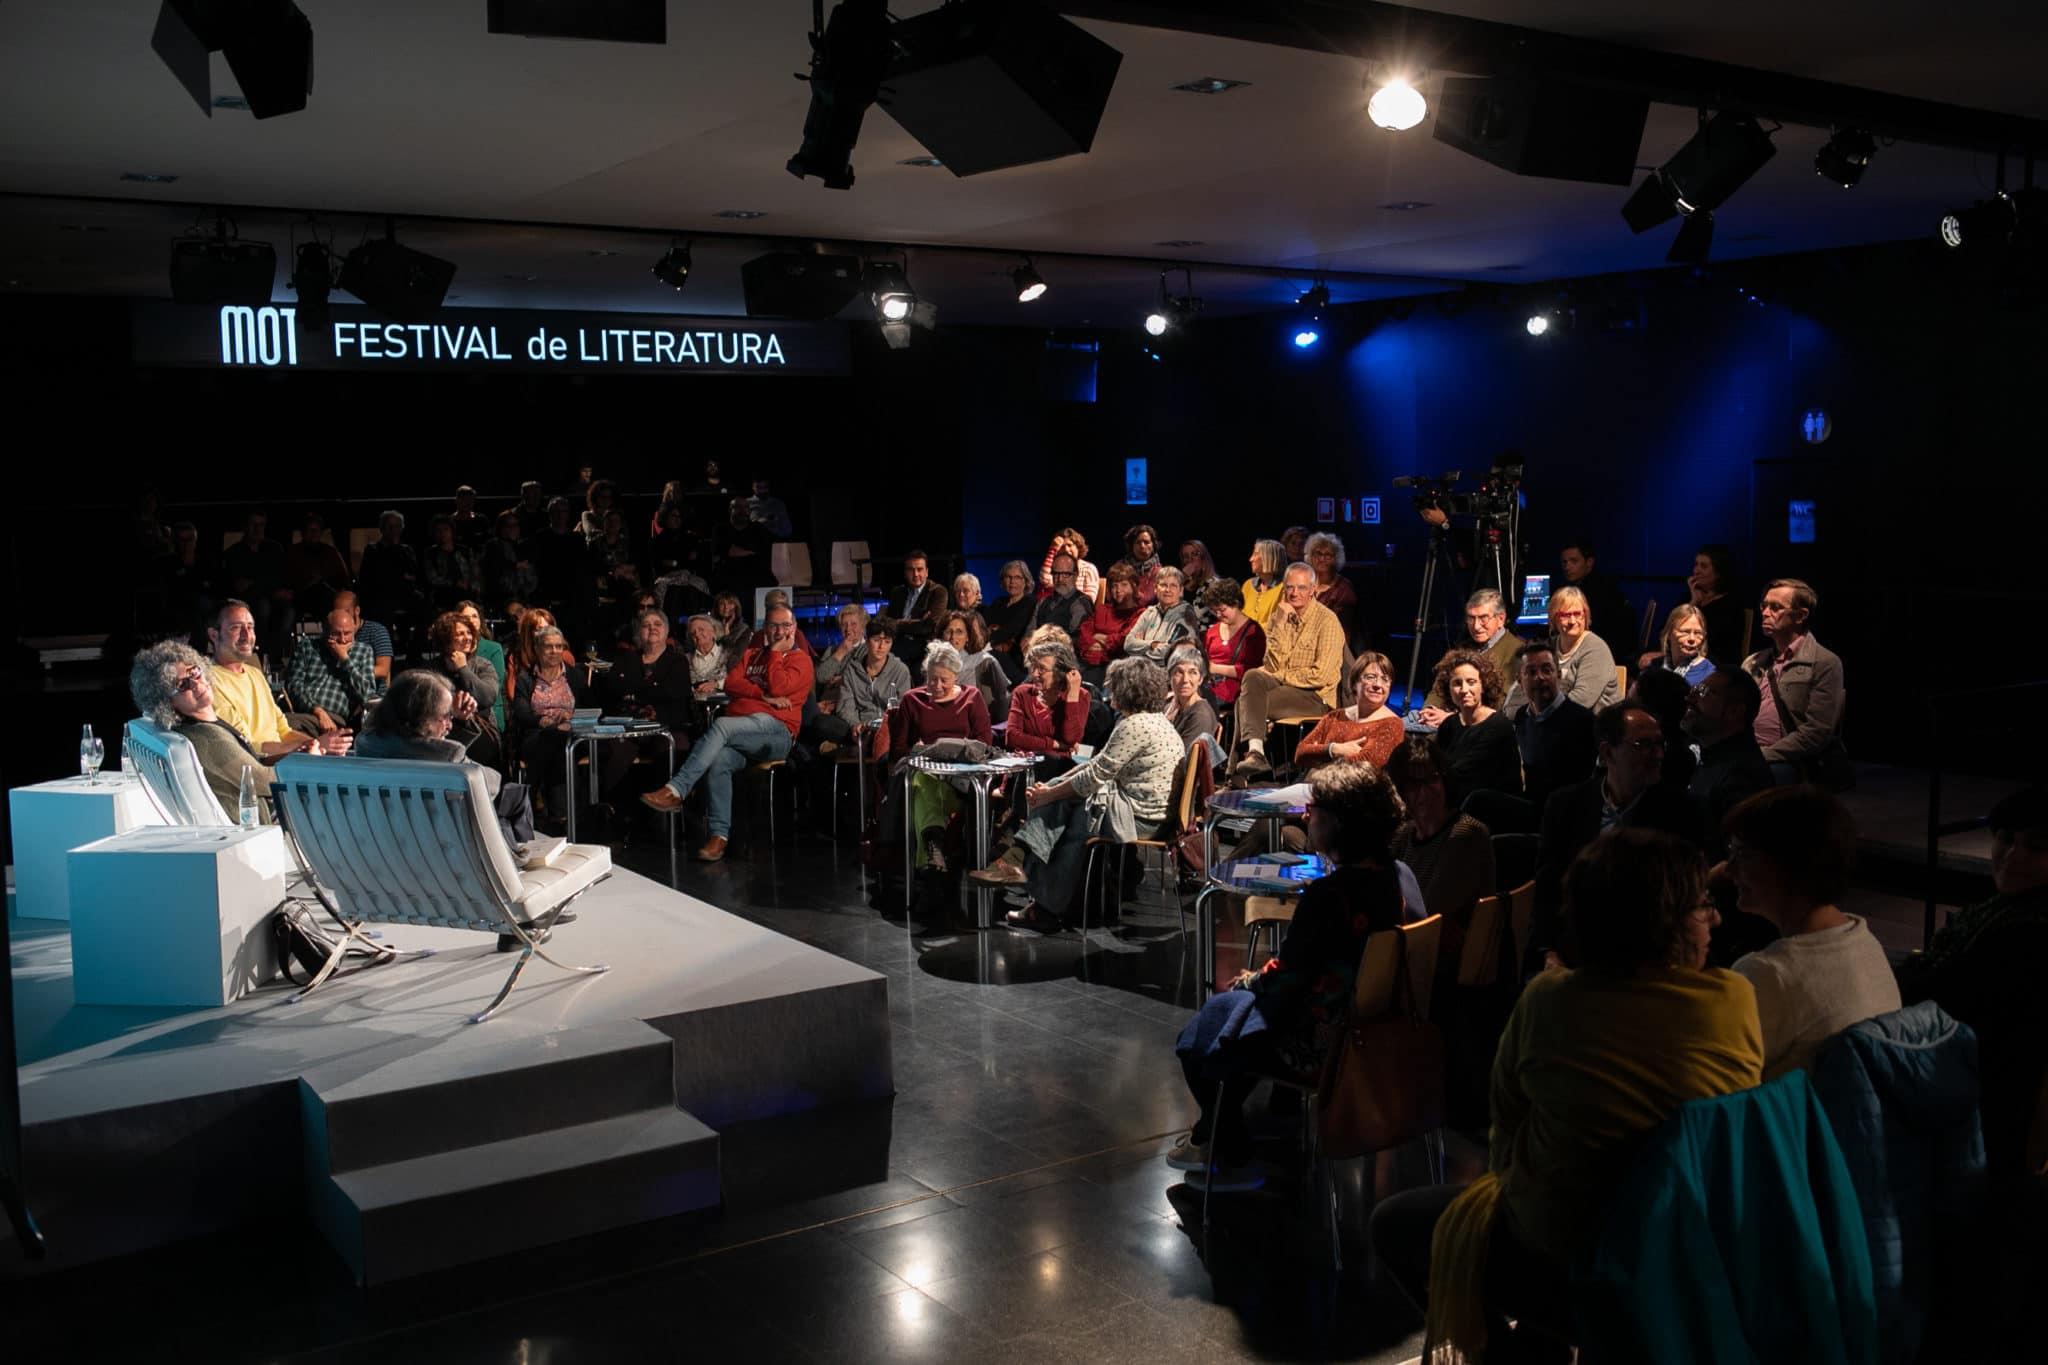 Festival MOT 2019. Foto: Martí Albesa.